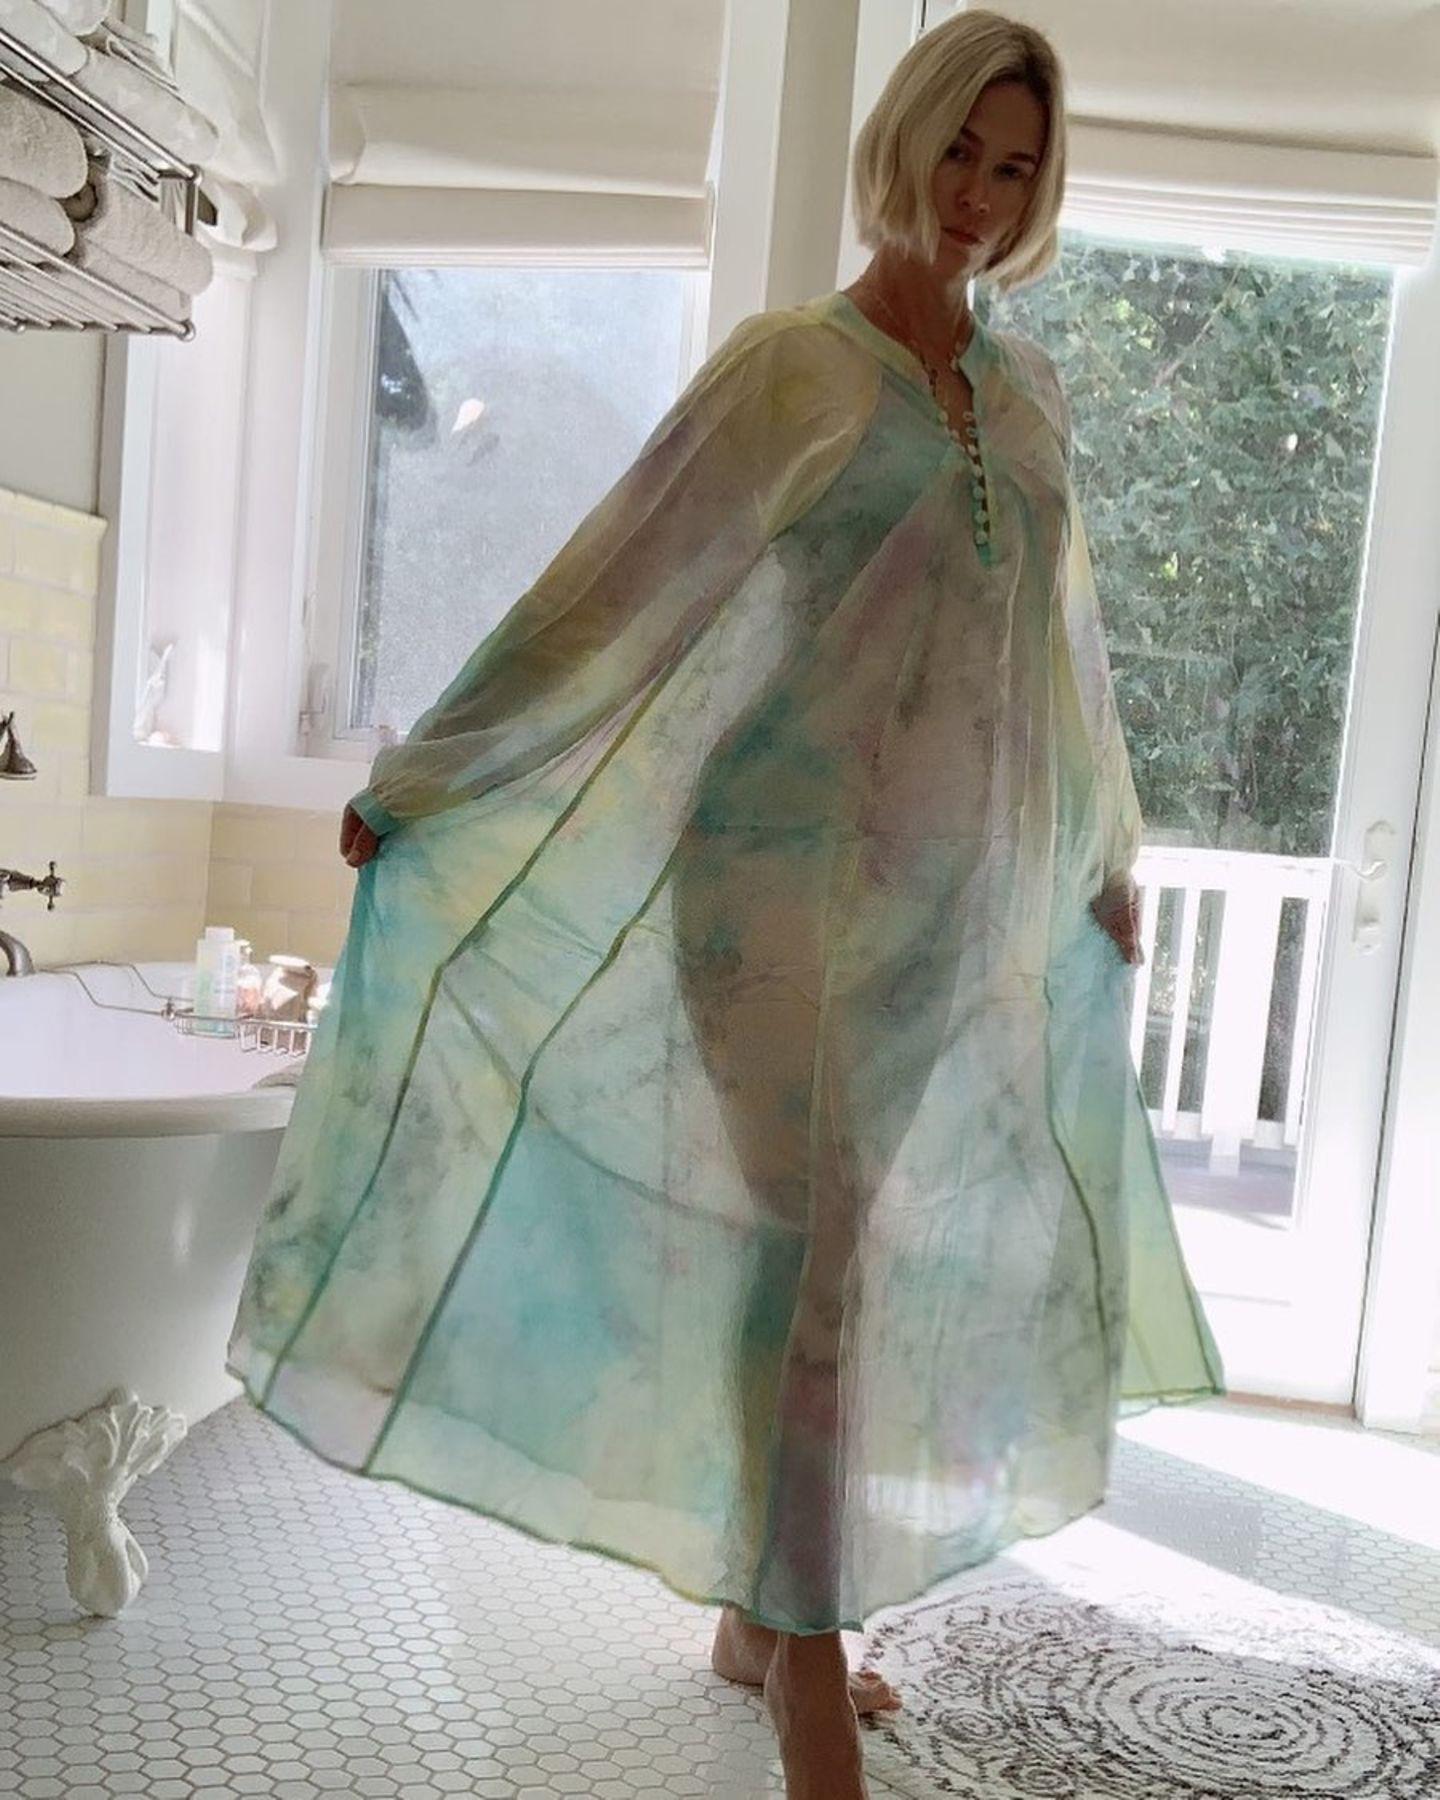 """Die kleinen Dinge im Leben, wie zum Beispiel der richtige Lichteinfall, können einem manchmal den Alltag versüßen. """"Mad Men""""-Schauspielerin January Jones ist ganz begeistert von dem Lichtspiel in ihrem Bad und gewährt sexy Einblicke auf ihre traumhafte Silhouette. Das dünne Nachthemd von der Designerin Natalie Martinist im hellen Sonnenschein durchsichtig, zeigt dabei aber nicht alles, was den Anblick noch sinnlicher macht."""